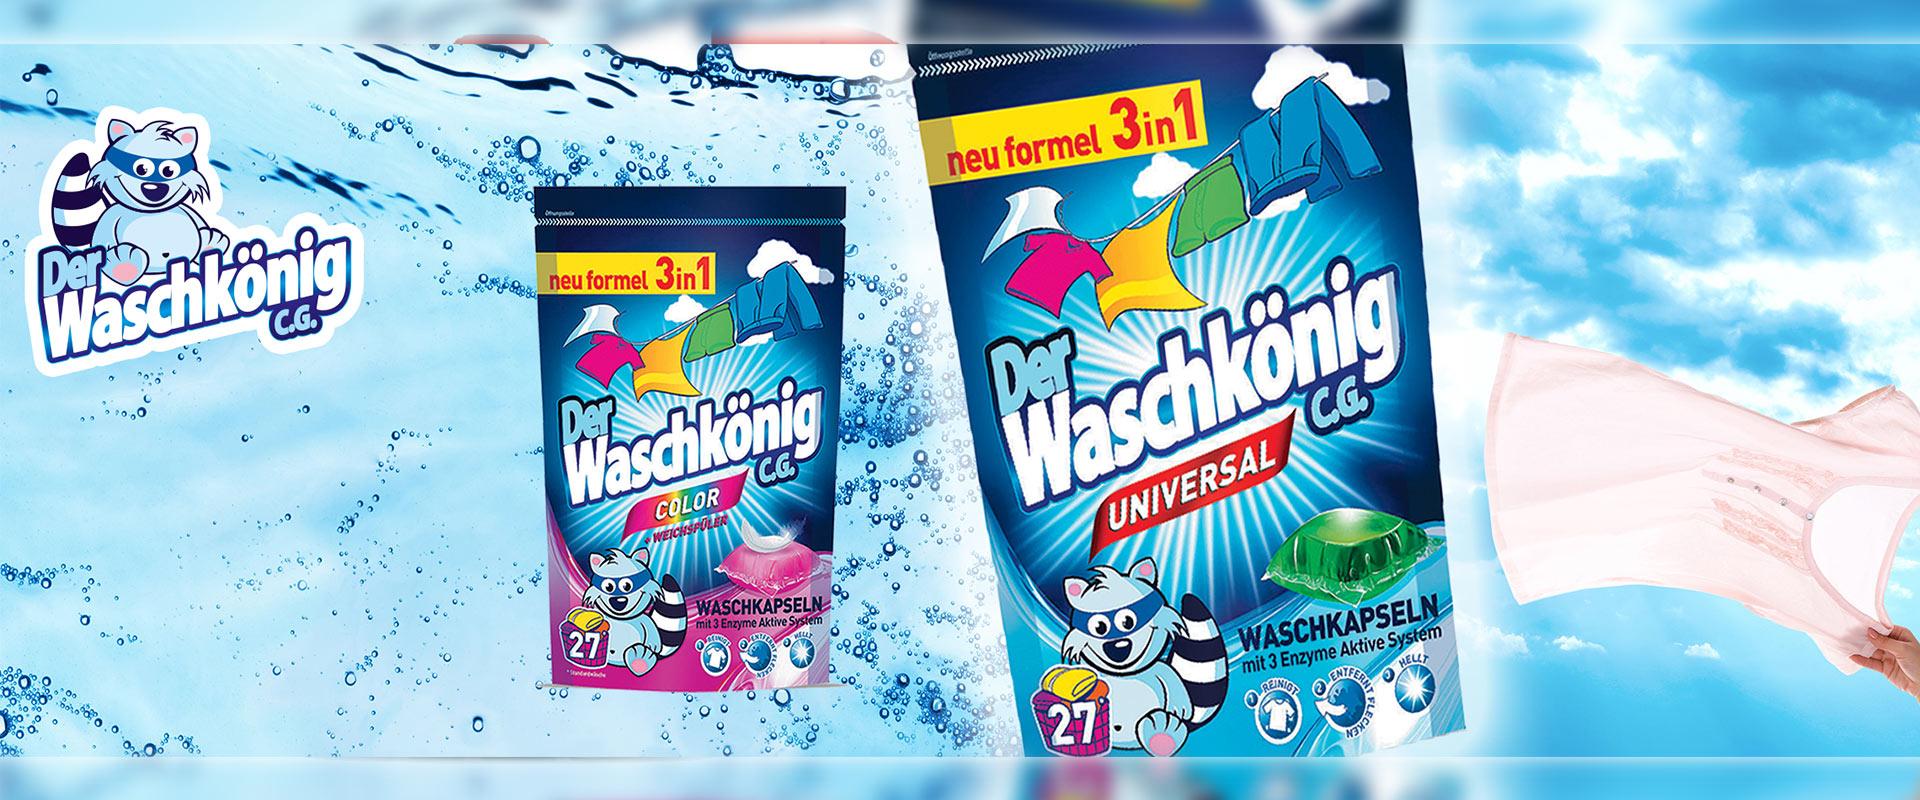 Waschkonig - супер перилни препарати!